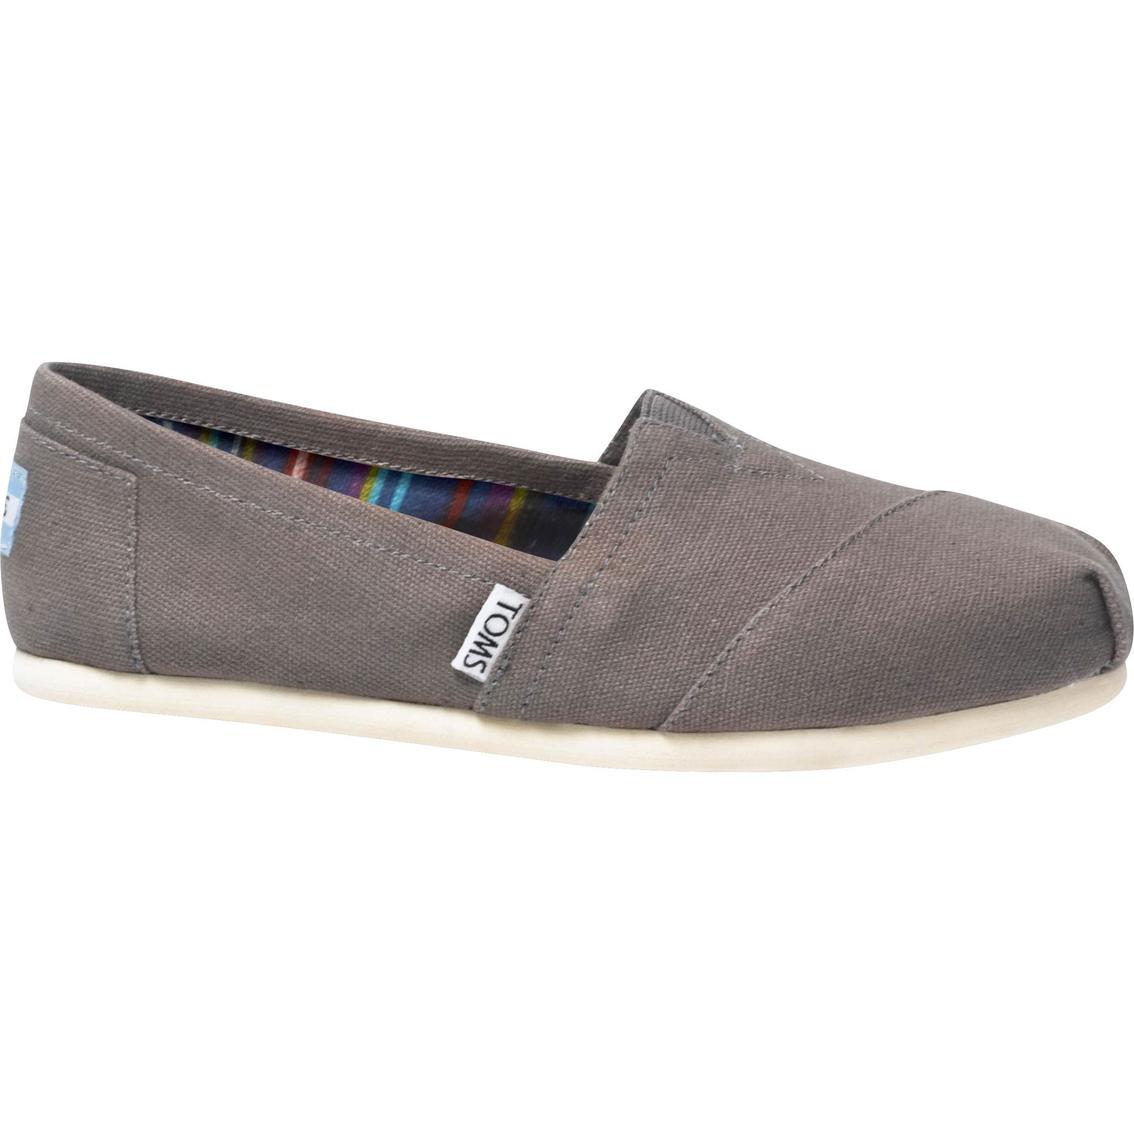 Classic Canvas Shoes   Flats   Shoes